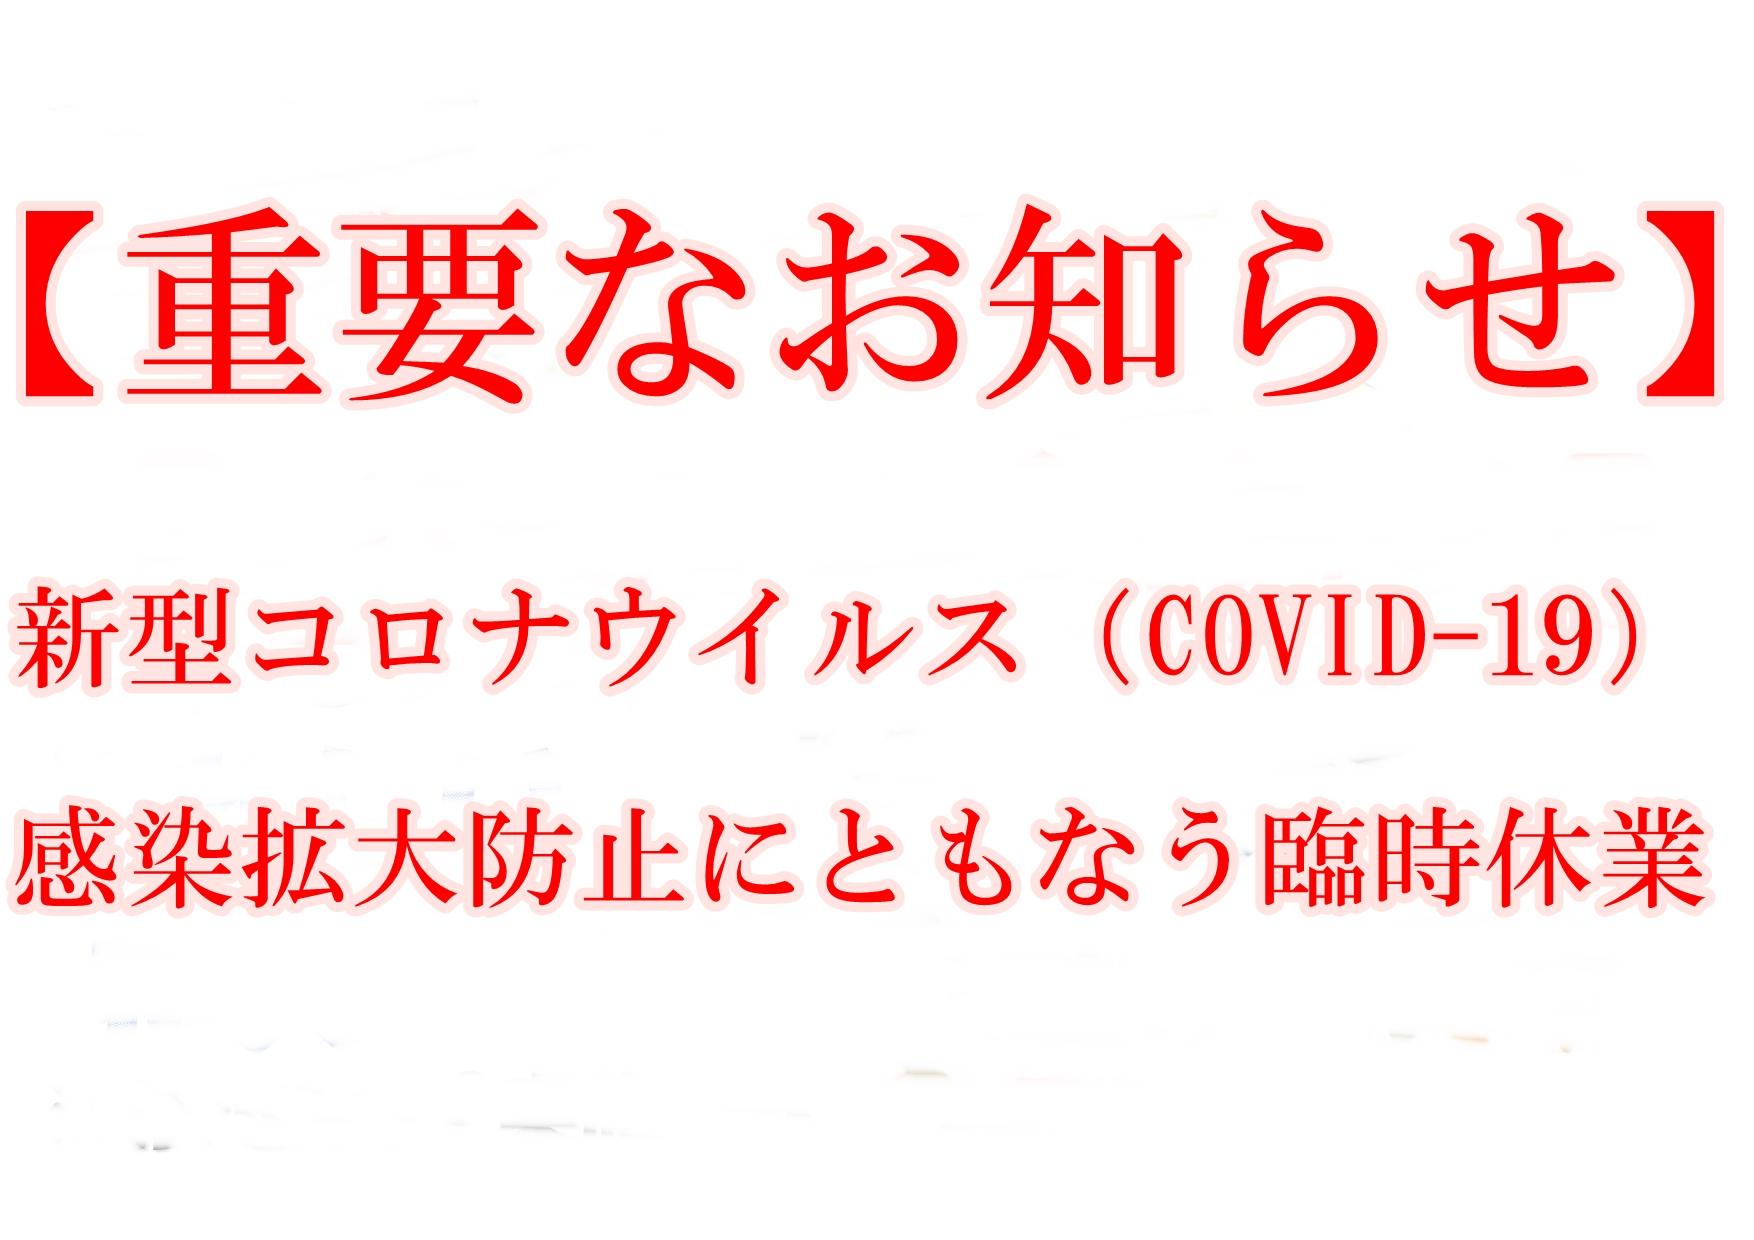 【重要】新型コロナウイルス感染拡大防止にともなう臨時休業のお知らせ